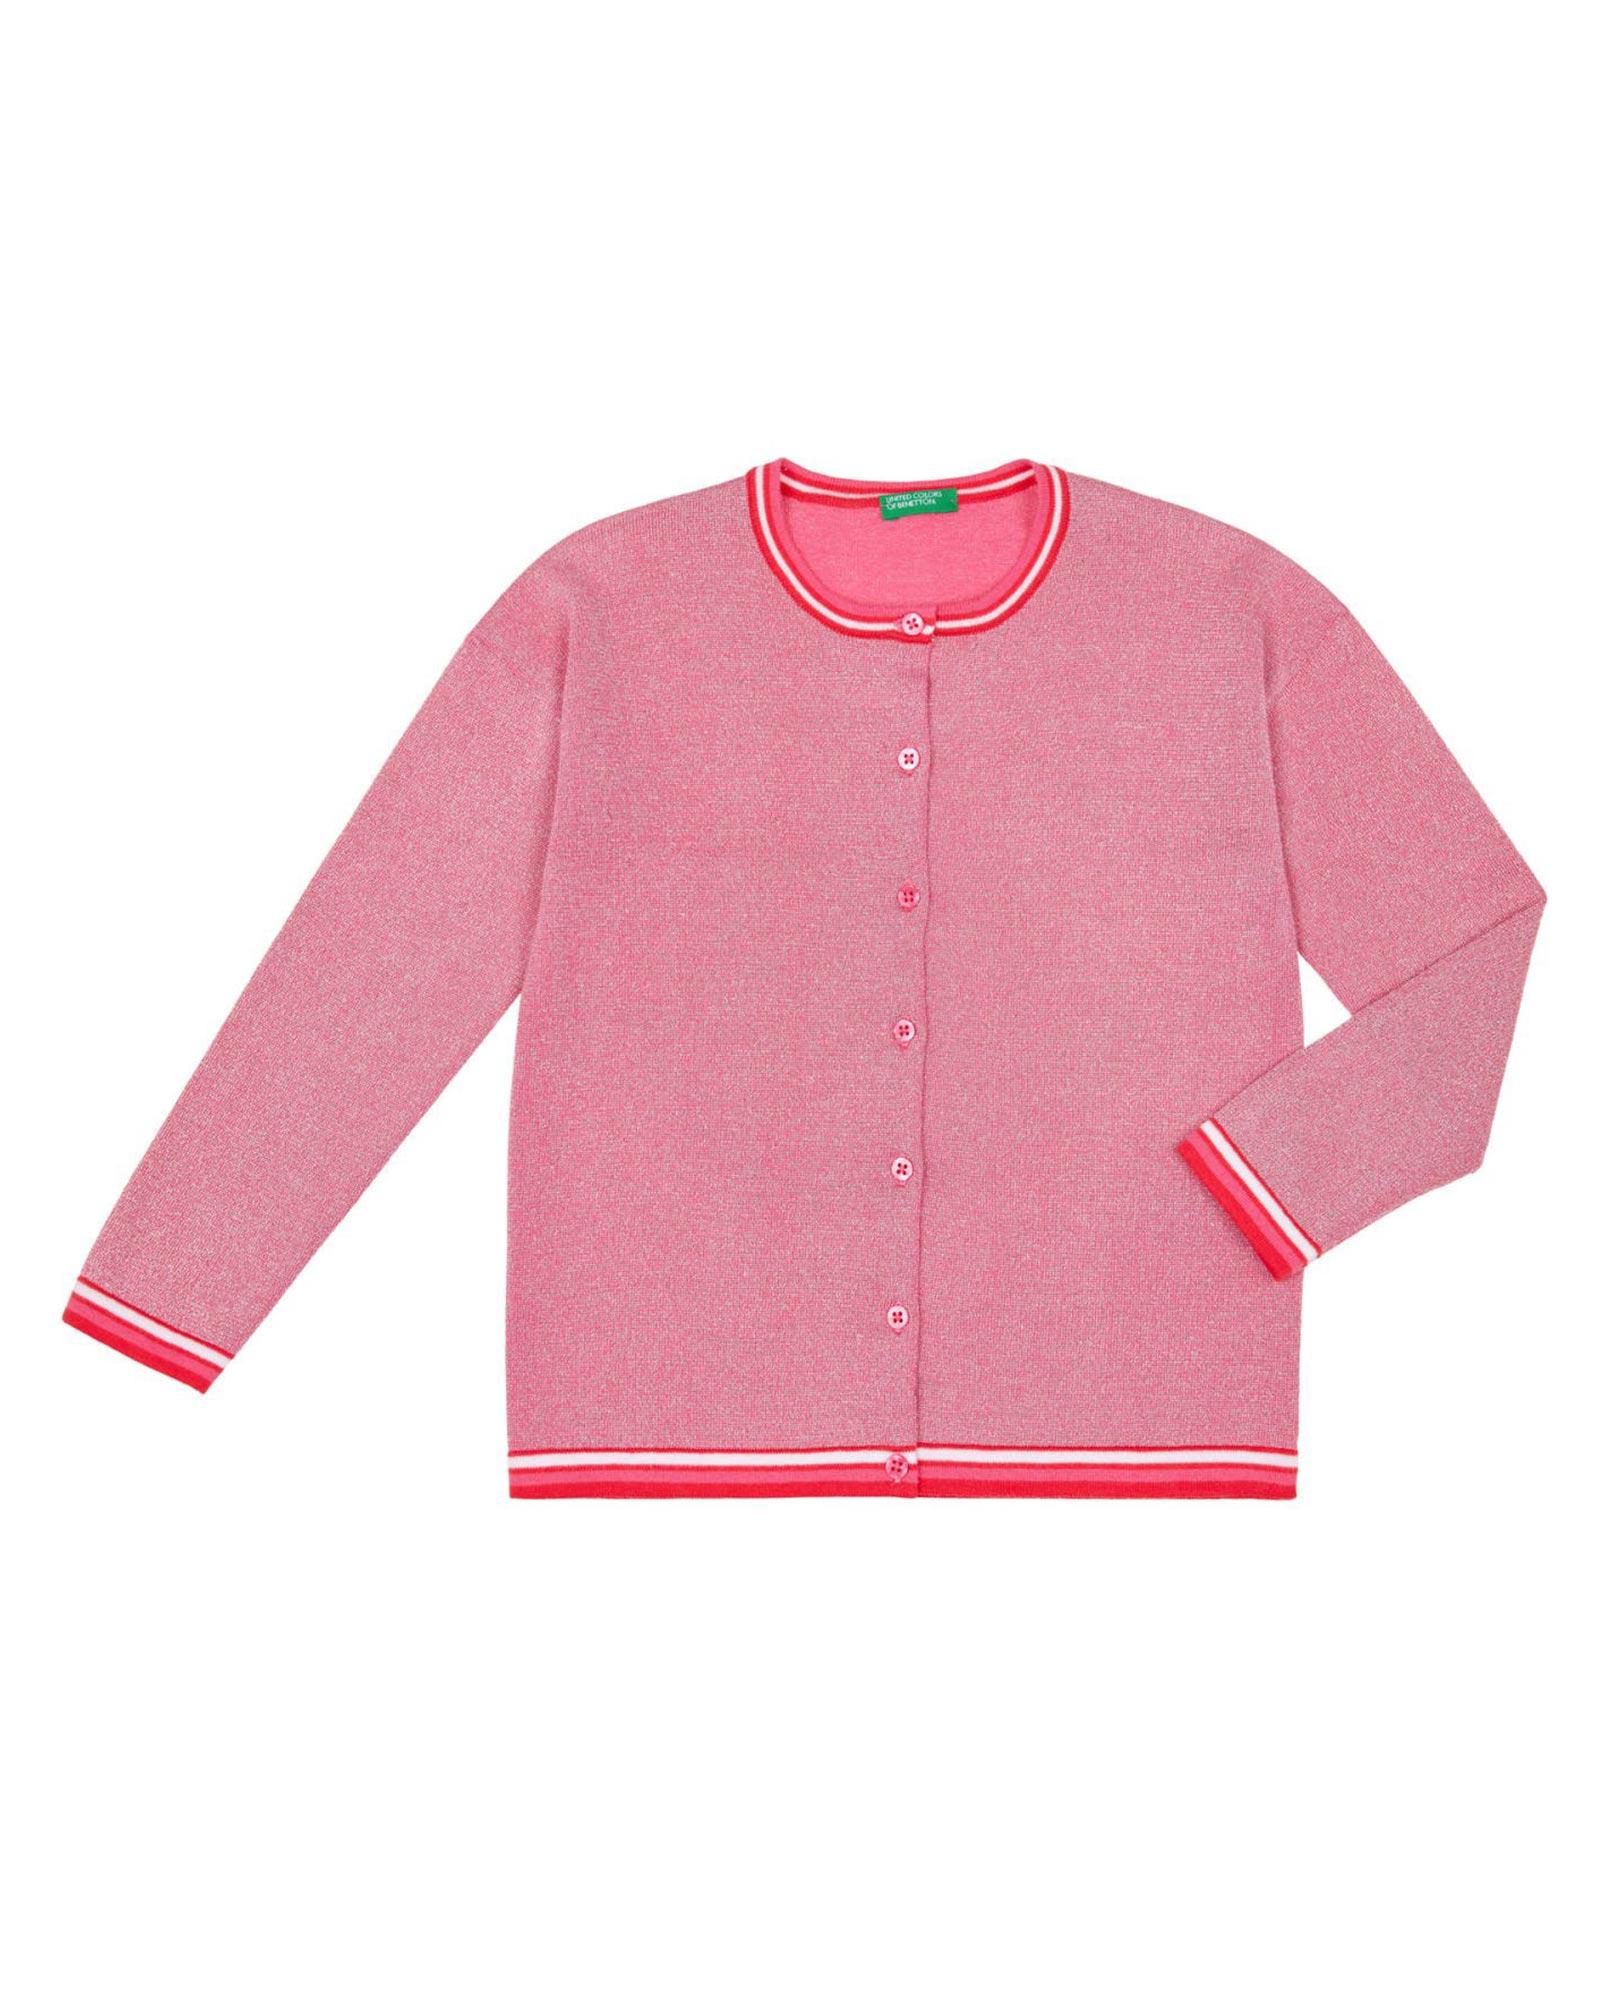 740425d07deb0 Prêt-à-porter Fille Collection Enfant 2019